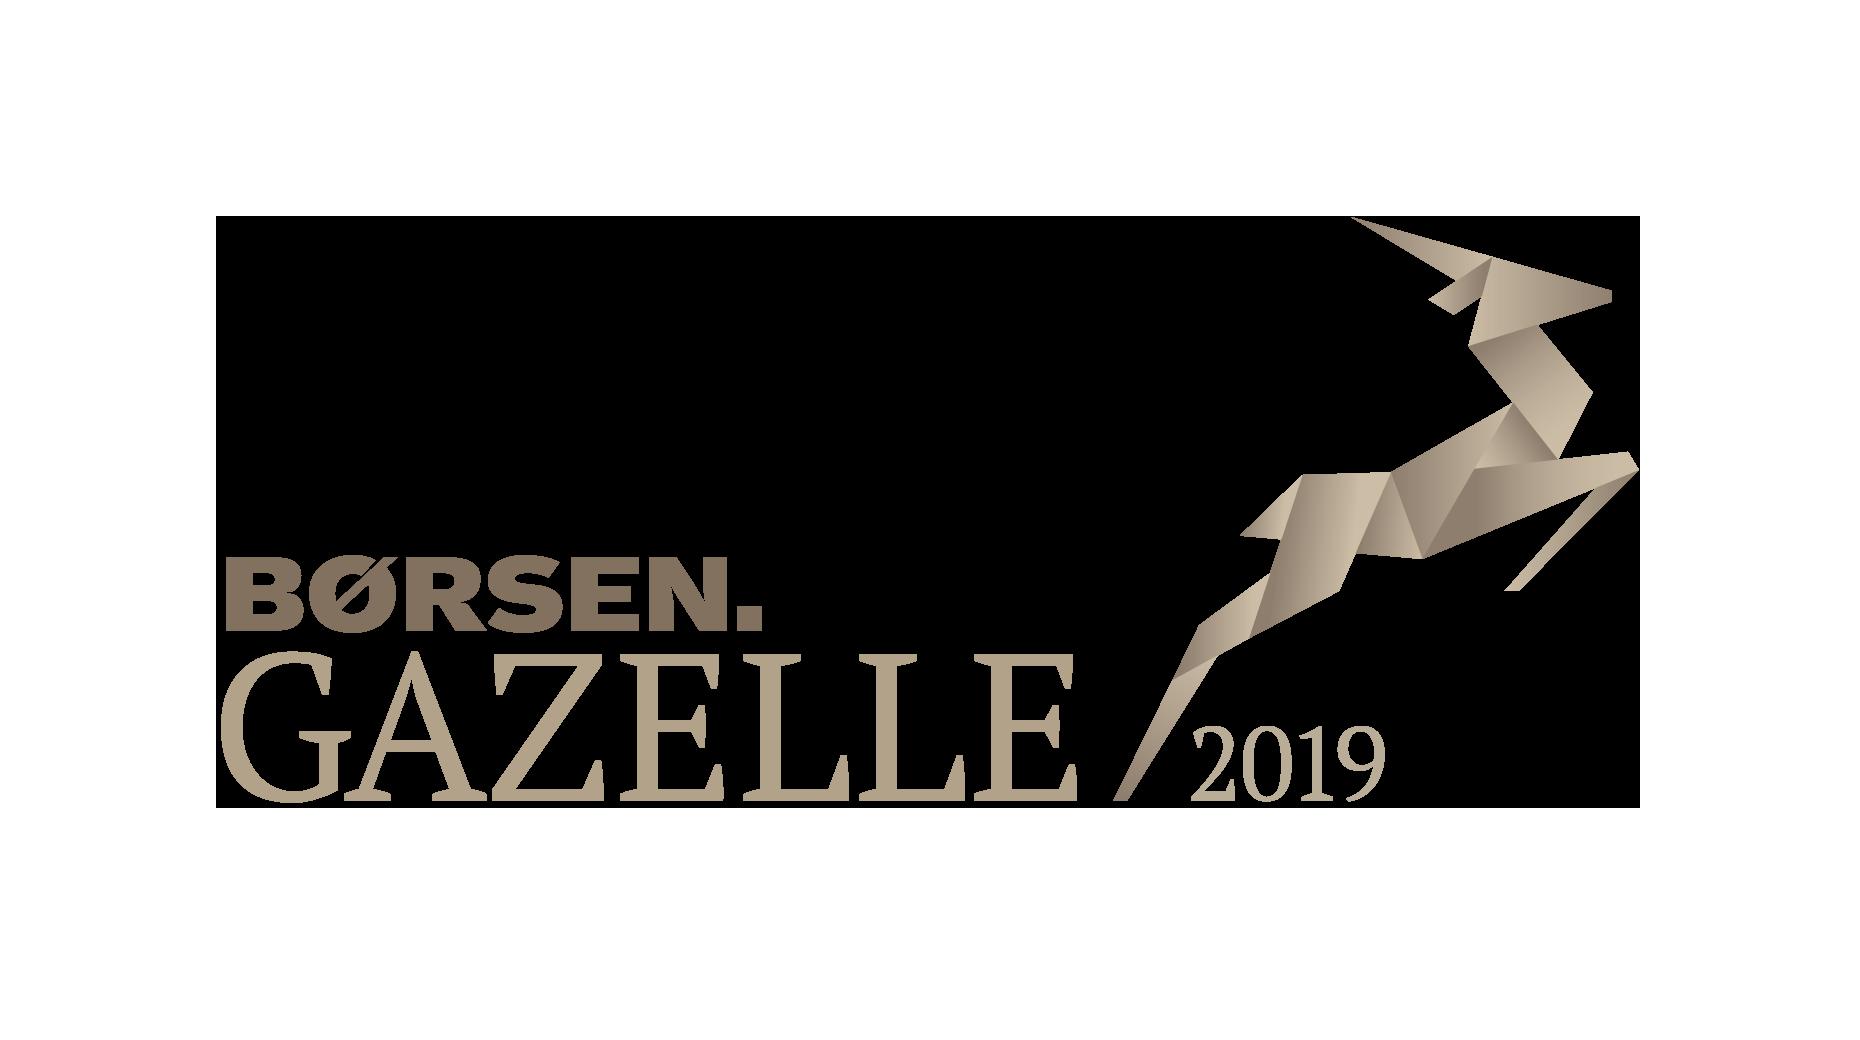 Børsen Gazelle Pris 2019